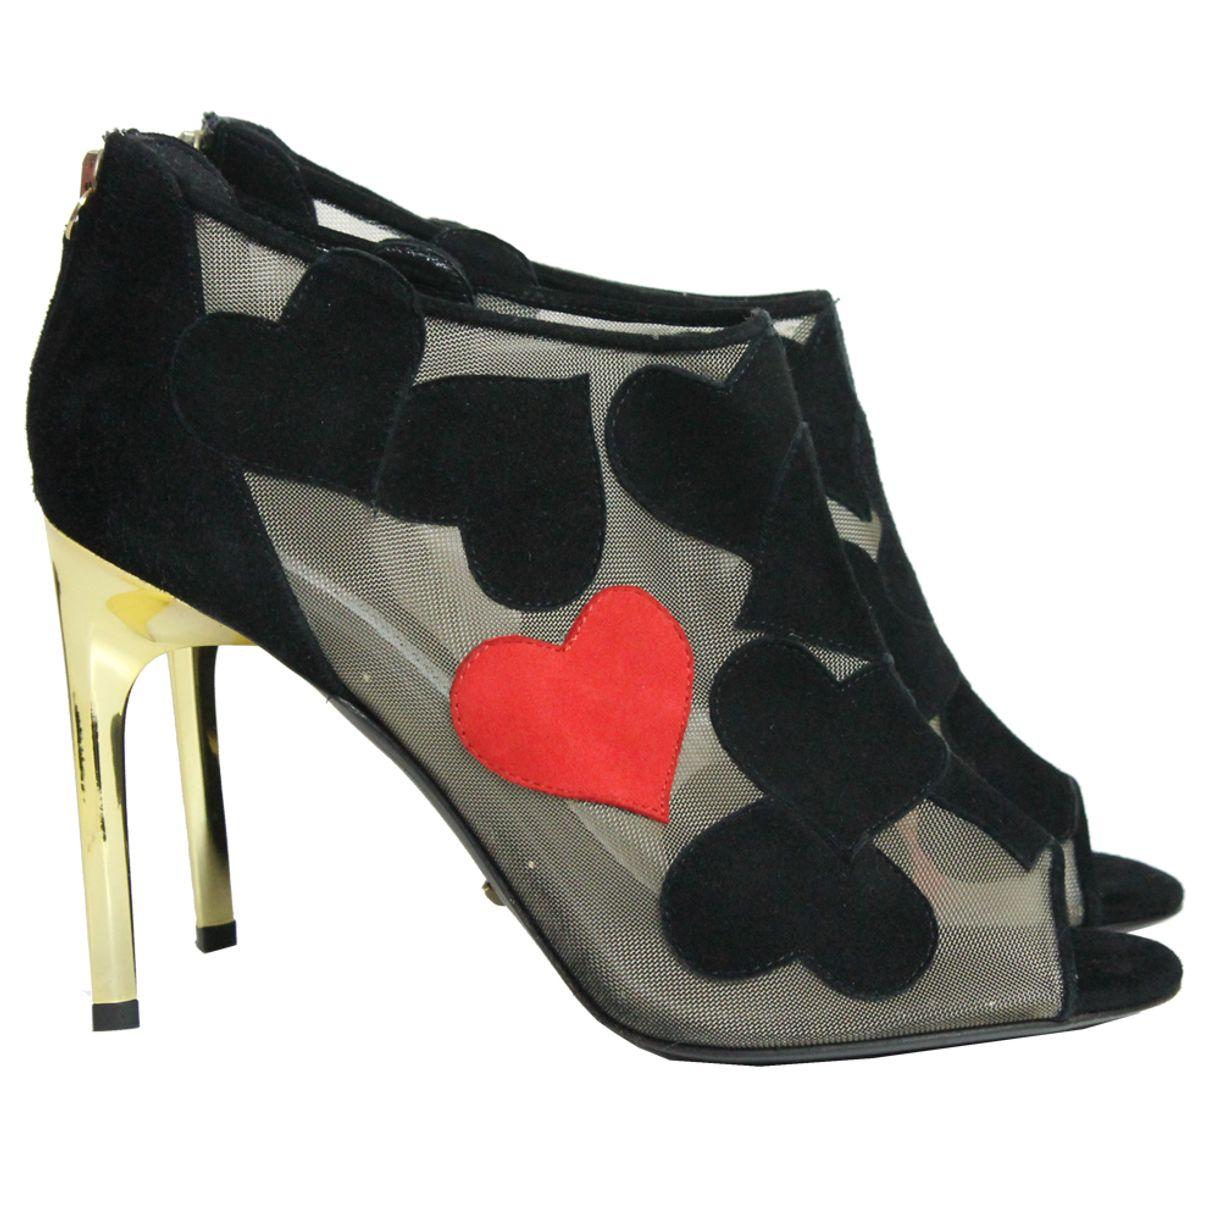 Ankle-Boot-Diane-Von-Furstenberg-Coracoes